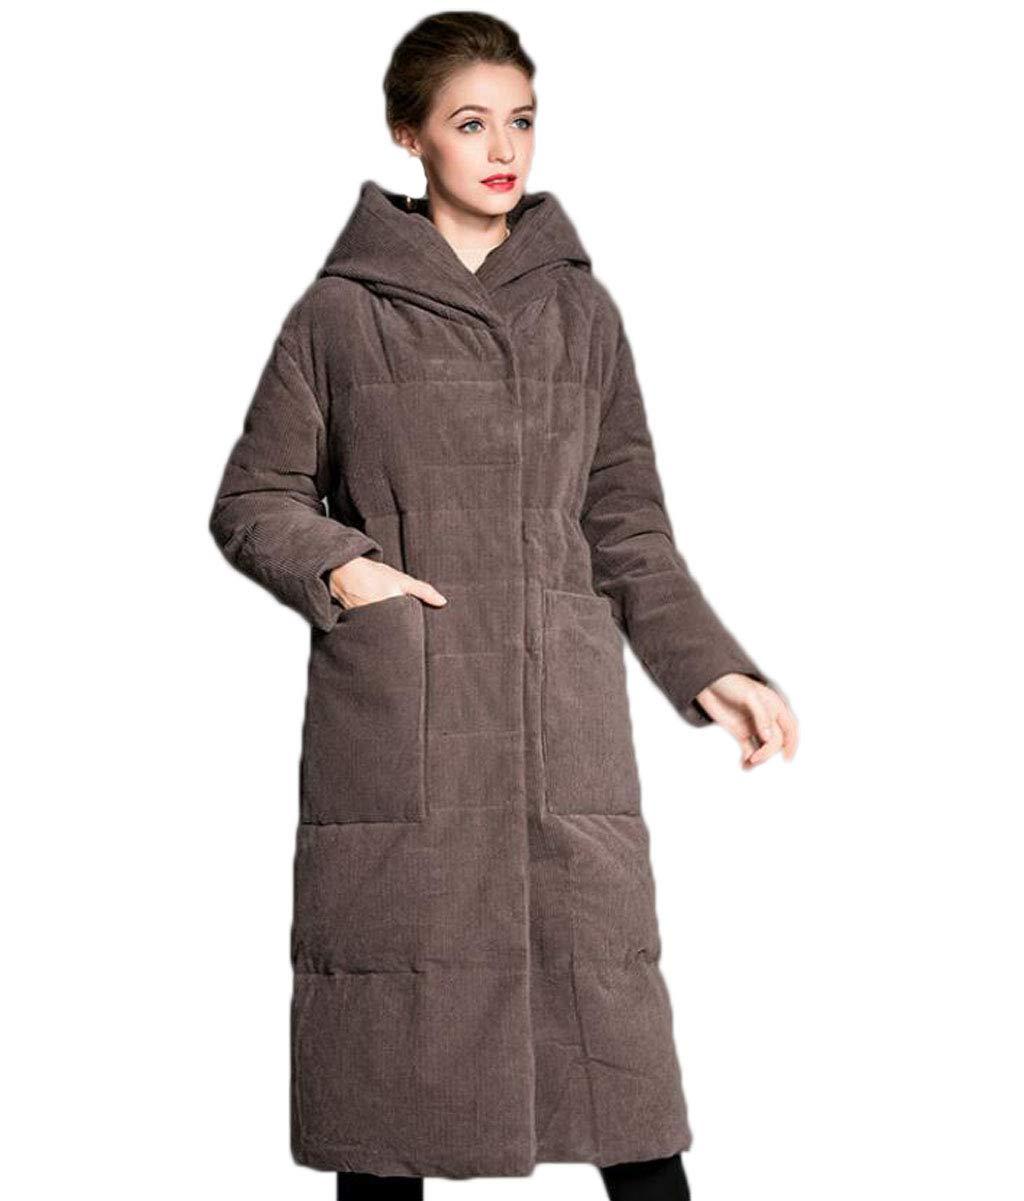 QKDSA Señoras Chaqueta de Pana Abajo de Invierno Abrigo con Capucha Outwear (Color : Color Cafe, Tamaño : XL): Amazon.es: Jardín